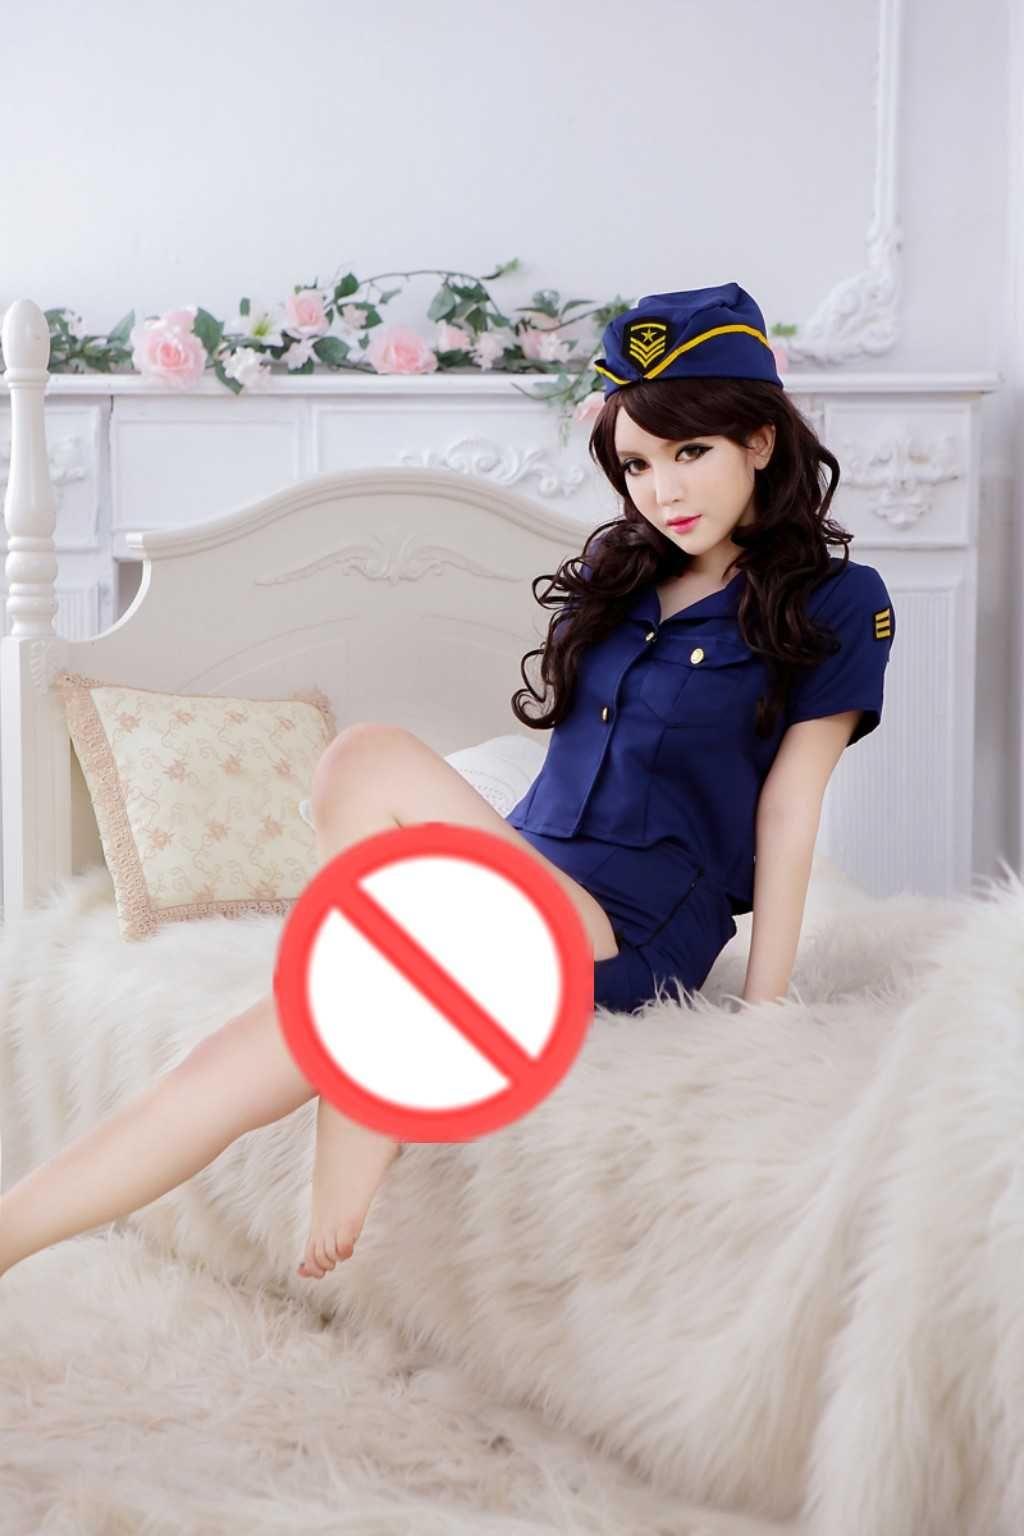 무료 배송 섹시 섹시 속옷 섹시한 맞는 극단 유혹 패키지 나이트 클럽 스튜어디스 소녀 꽉 가방 엉덩이 투명한 학생